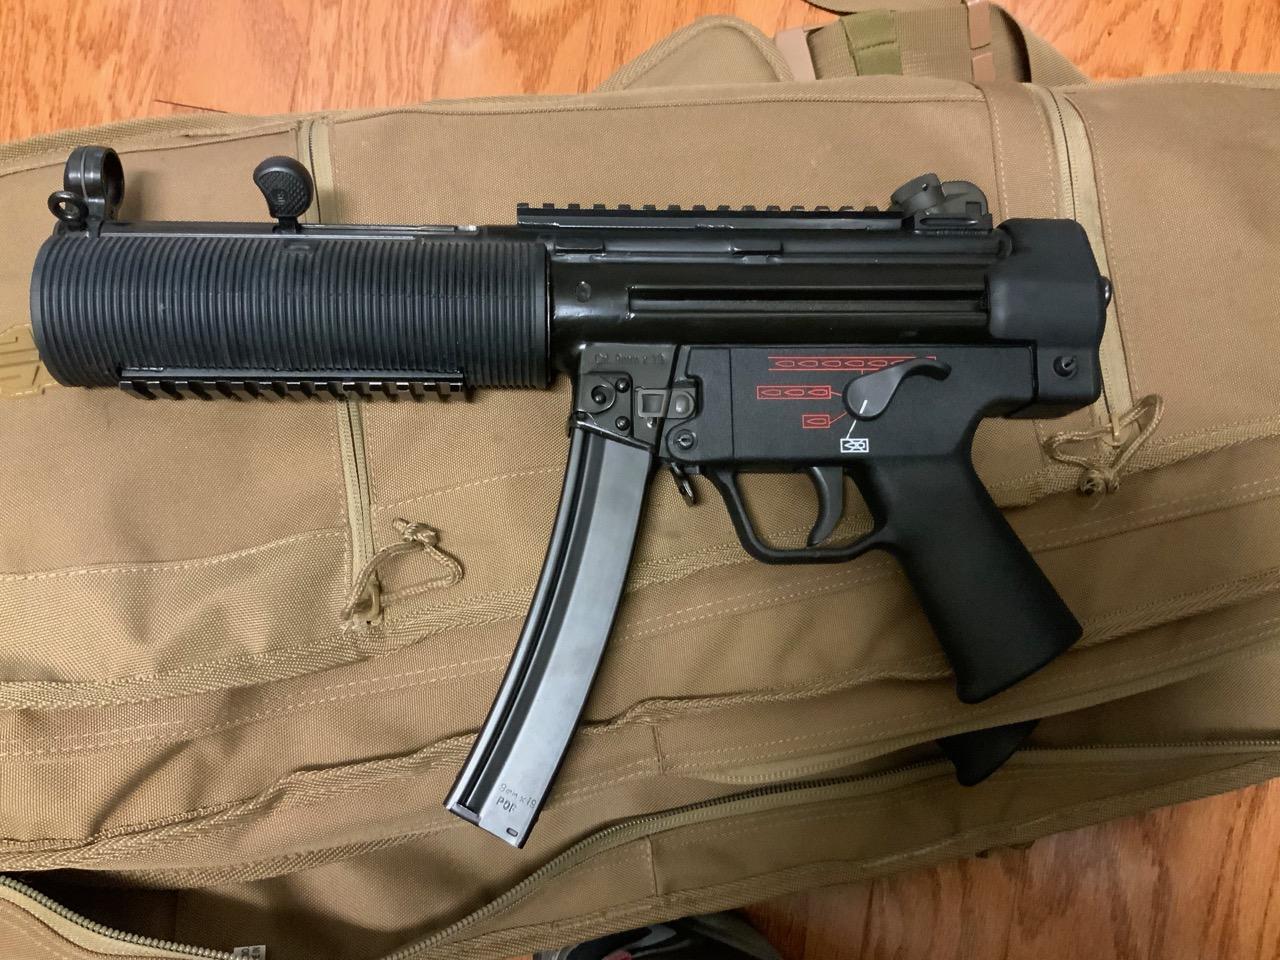 SOLD: Omega OM9 SD K (MP5SD style pistol)-img_0062.jpg